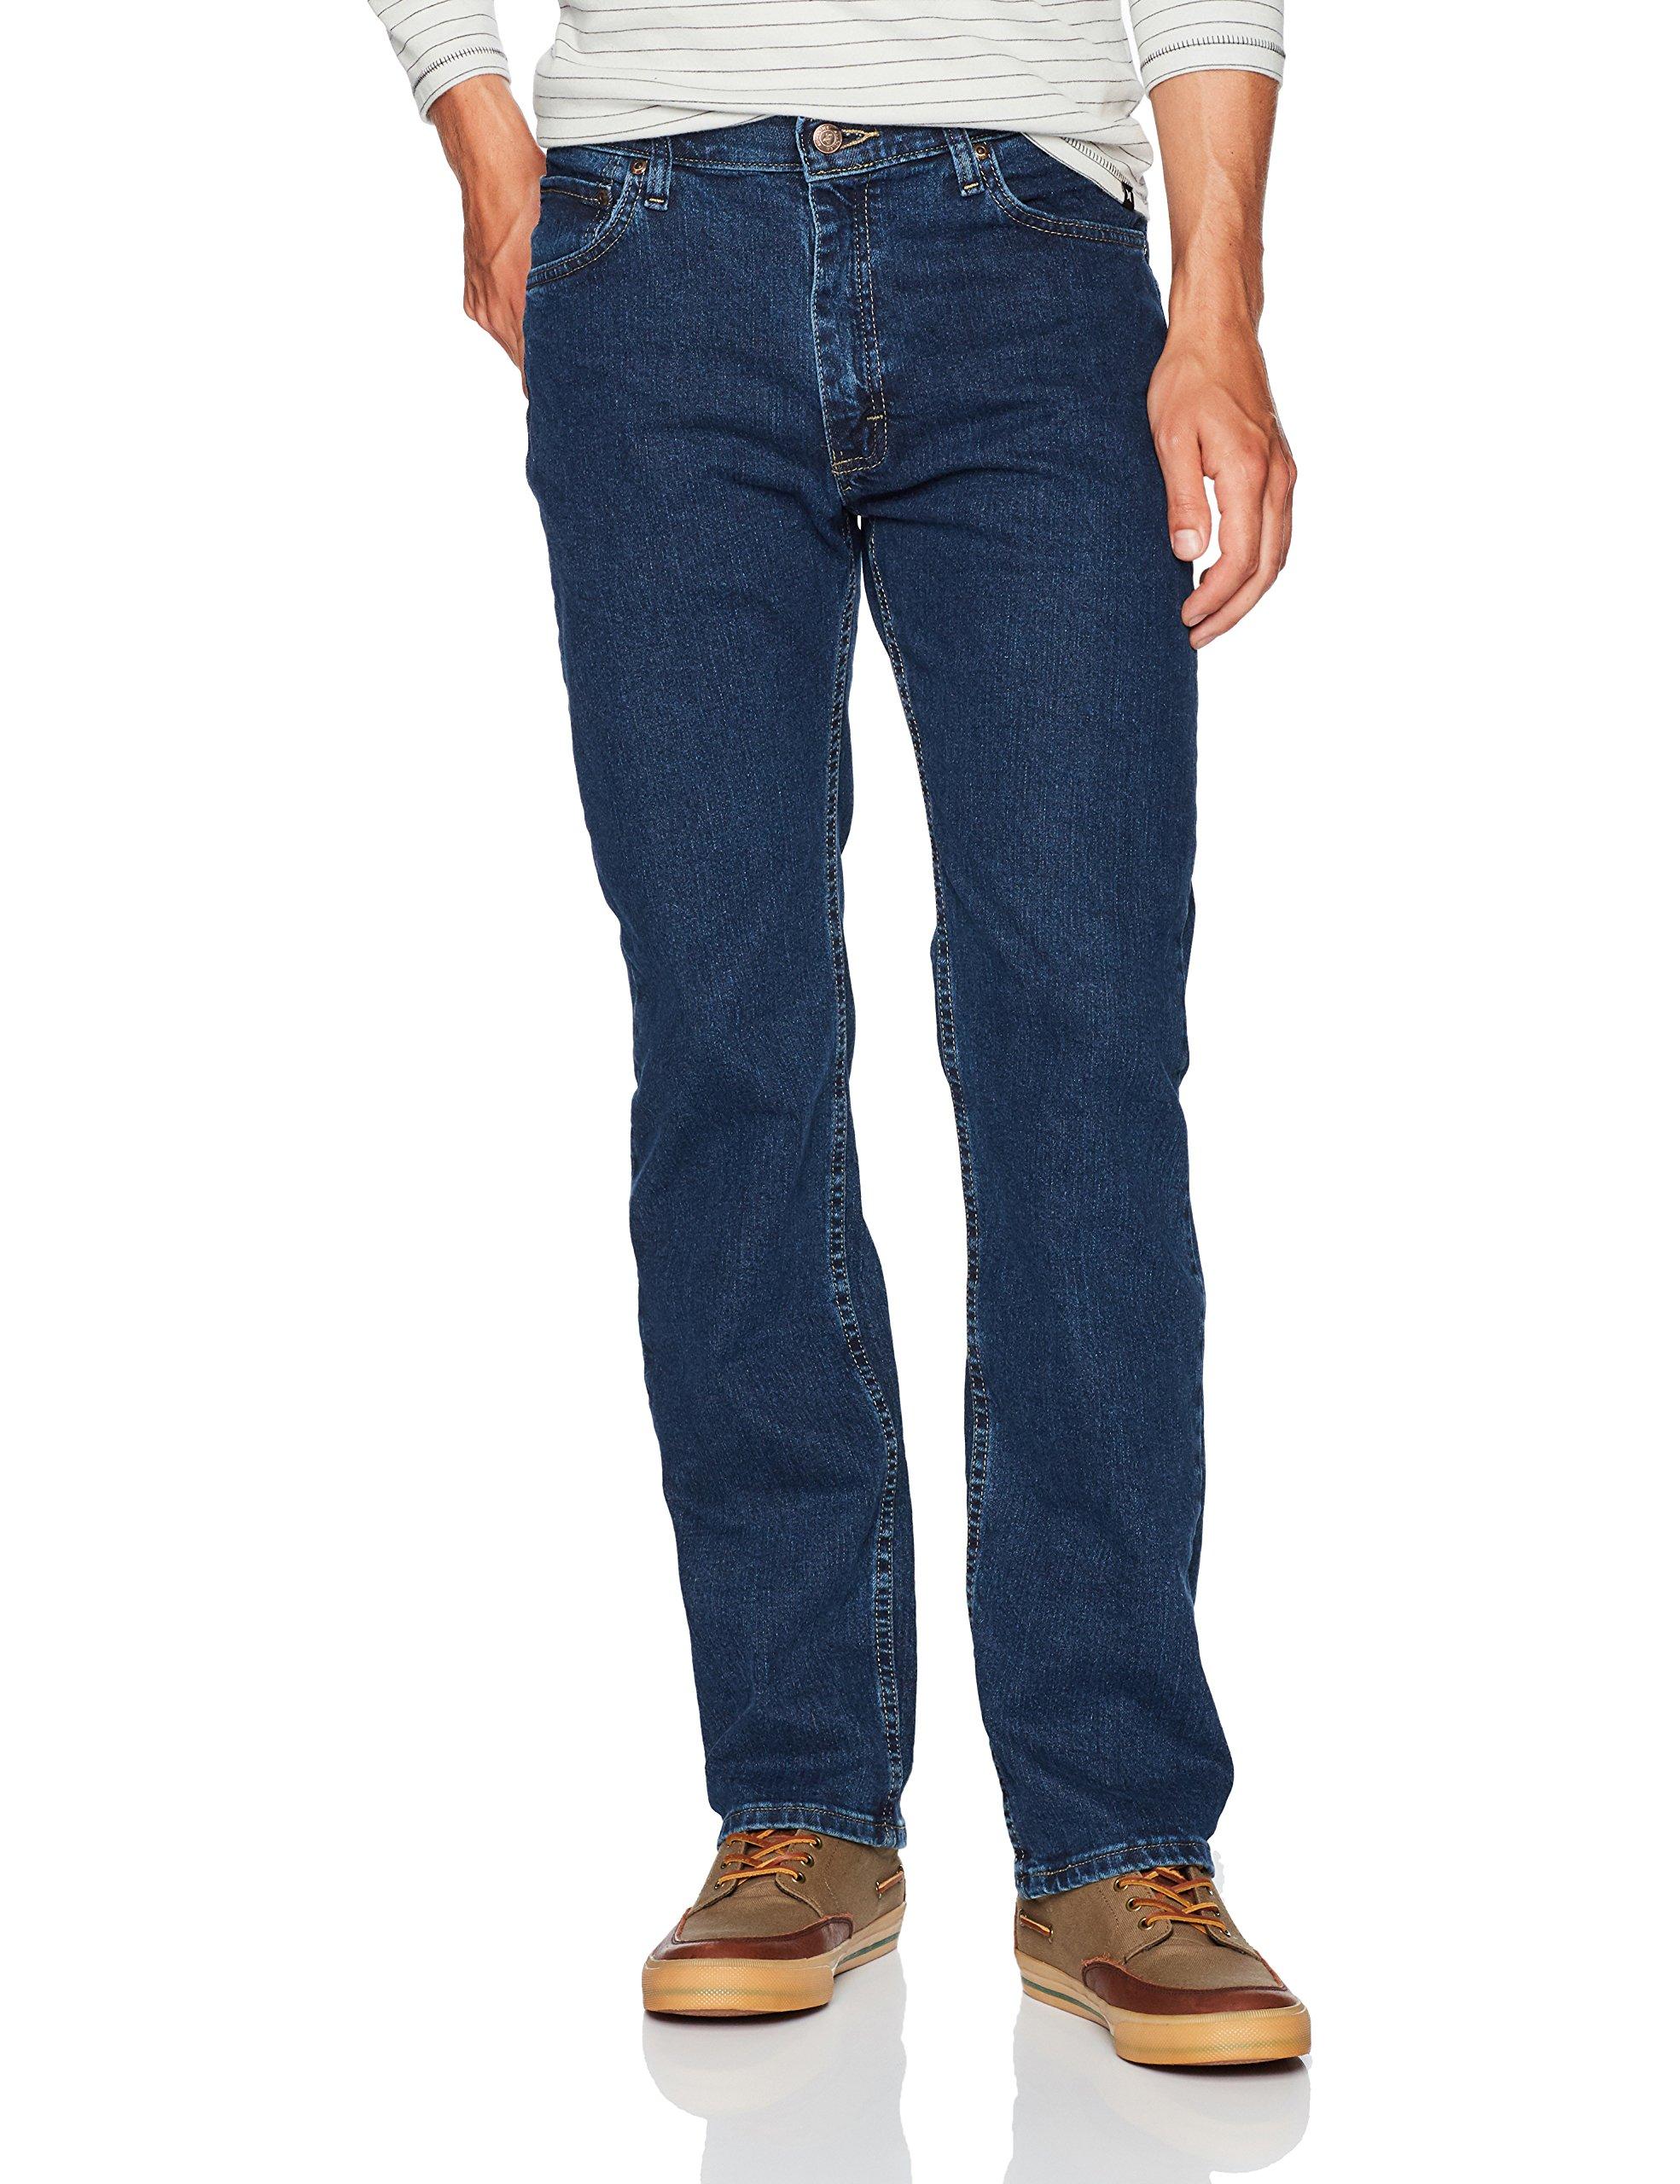 Wrangler Men's Authentics Comfort Flex Waist Jean, Dark Stonewash, 36X30